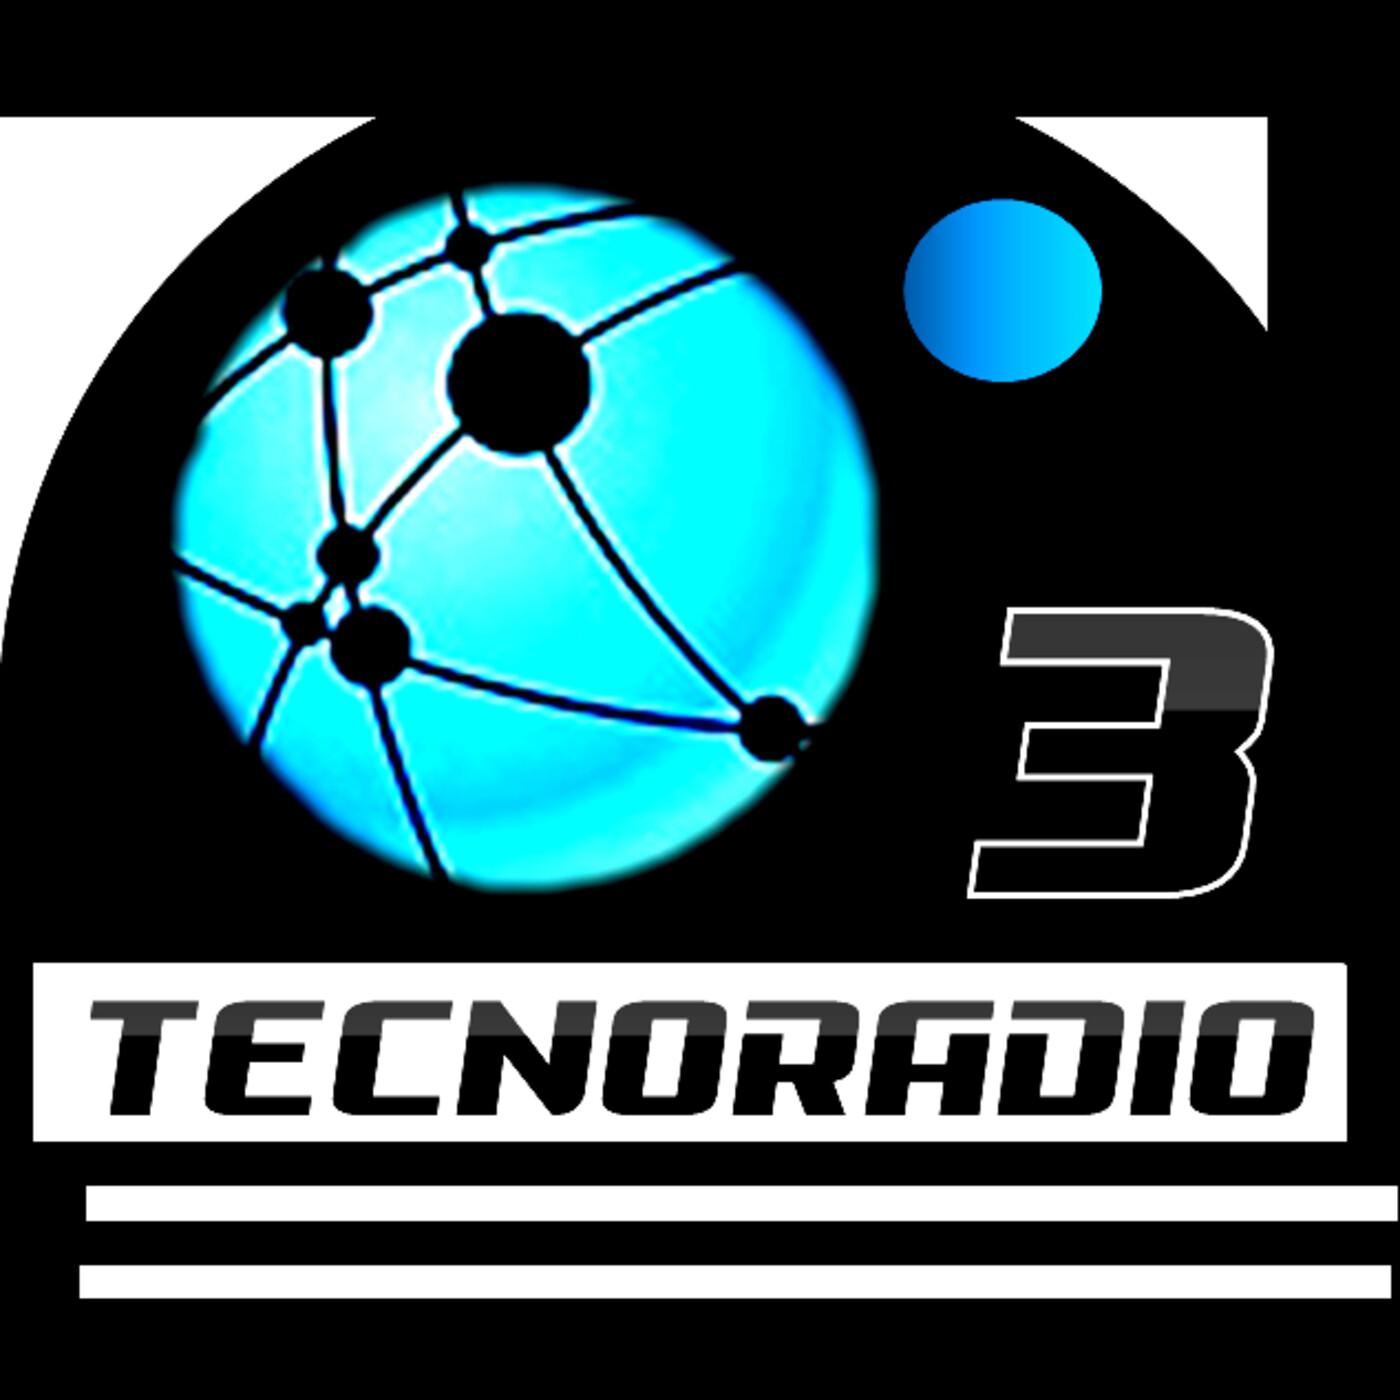 TECNOradio 3 - Semana 5